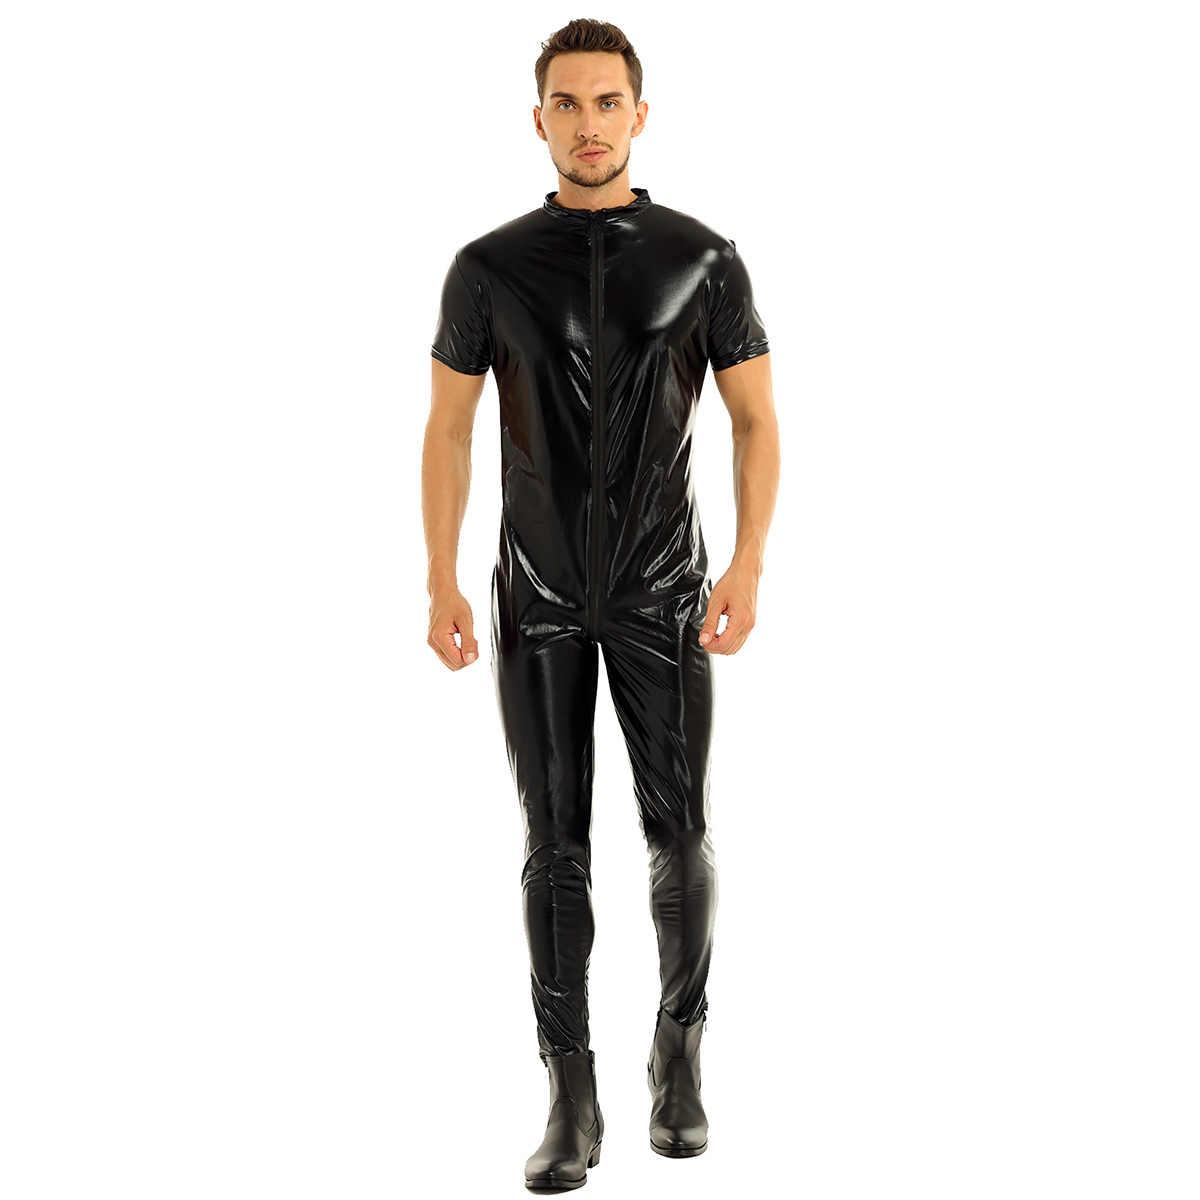 Eksotis Lateks Tubuh Pakaian Dalam Wanita Pria Kulit PVC Keseluruhan Jumpsuit Zipper Terbuka Selangkangan Tubuh Penuh Leotard Pria Dance Catsuit Sexy Clubwear